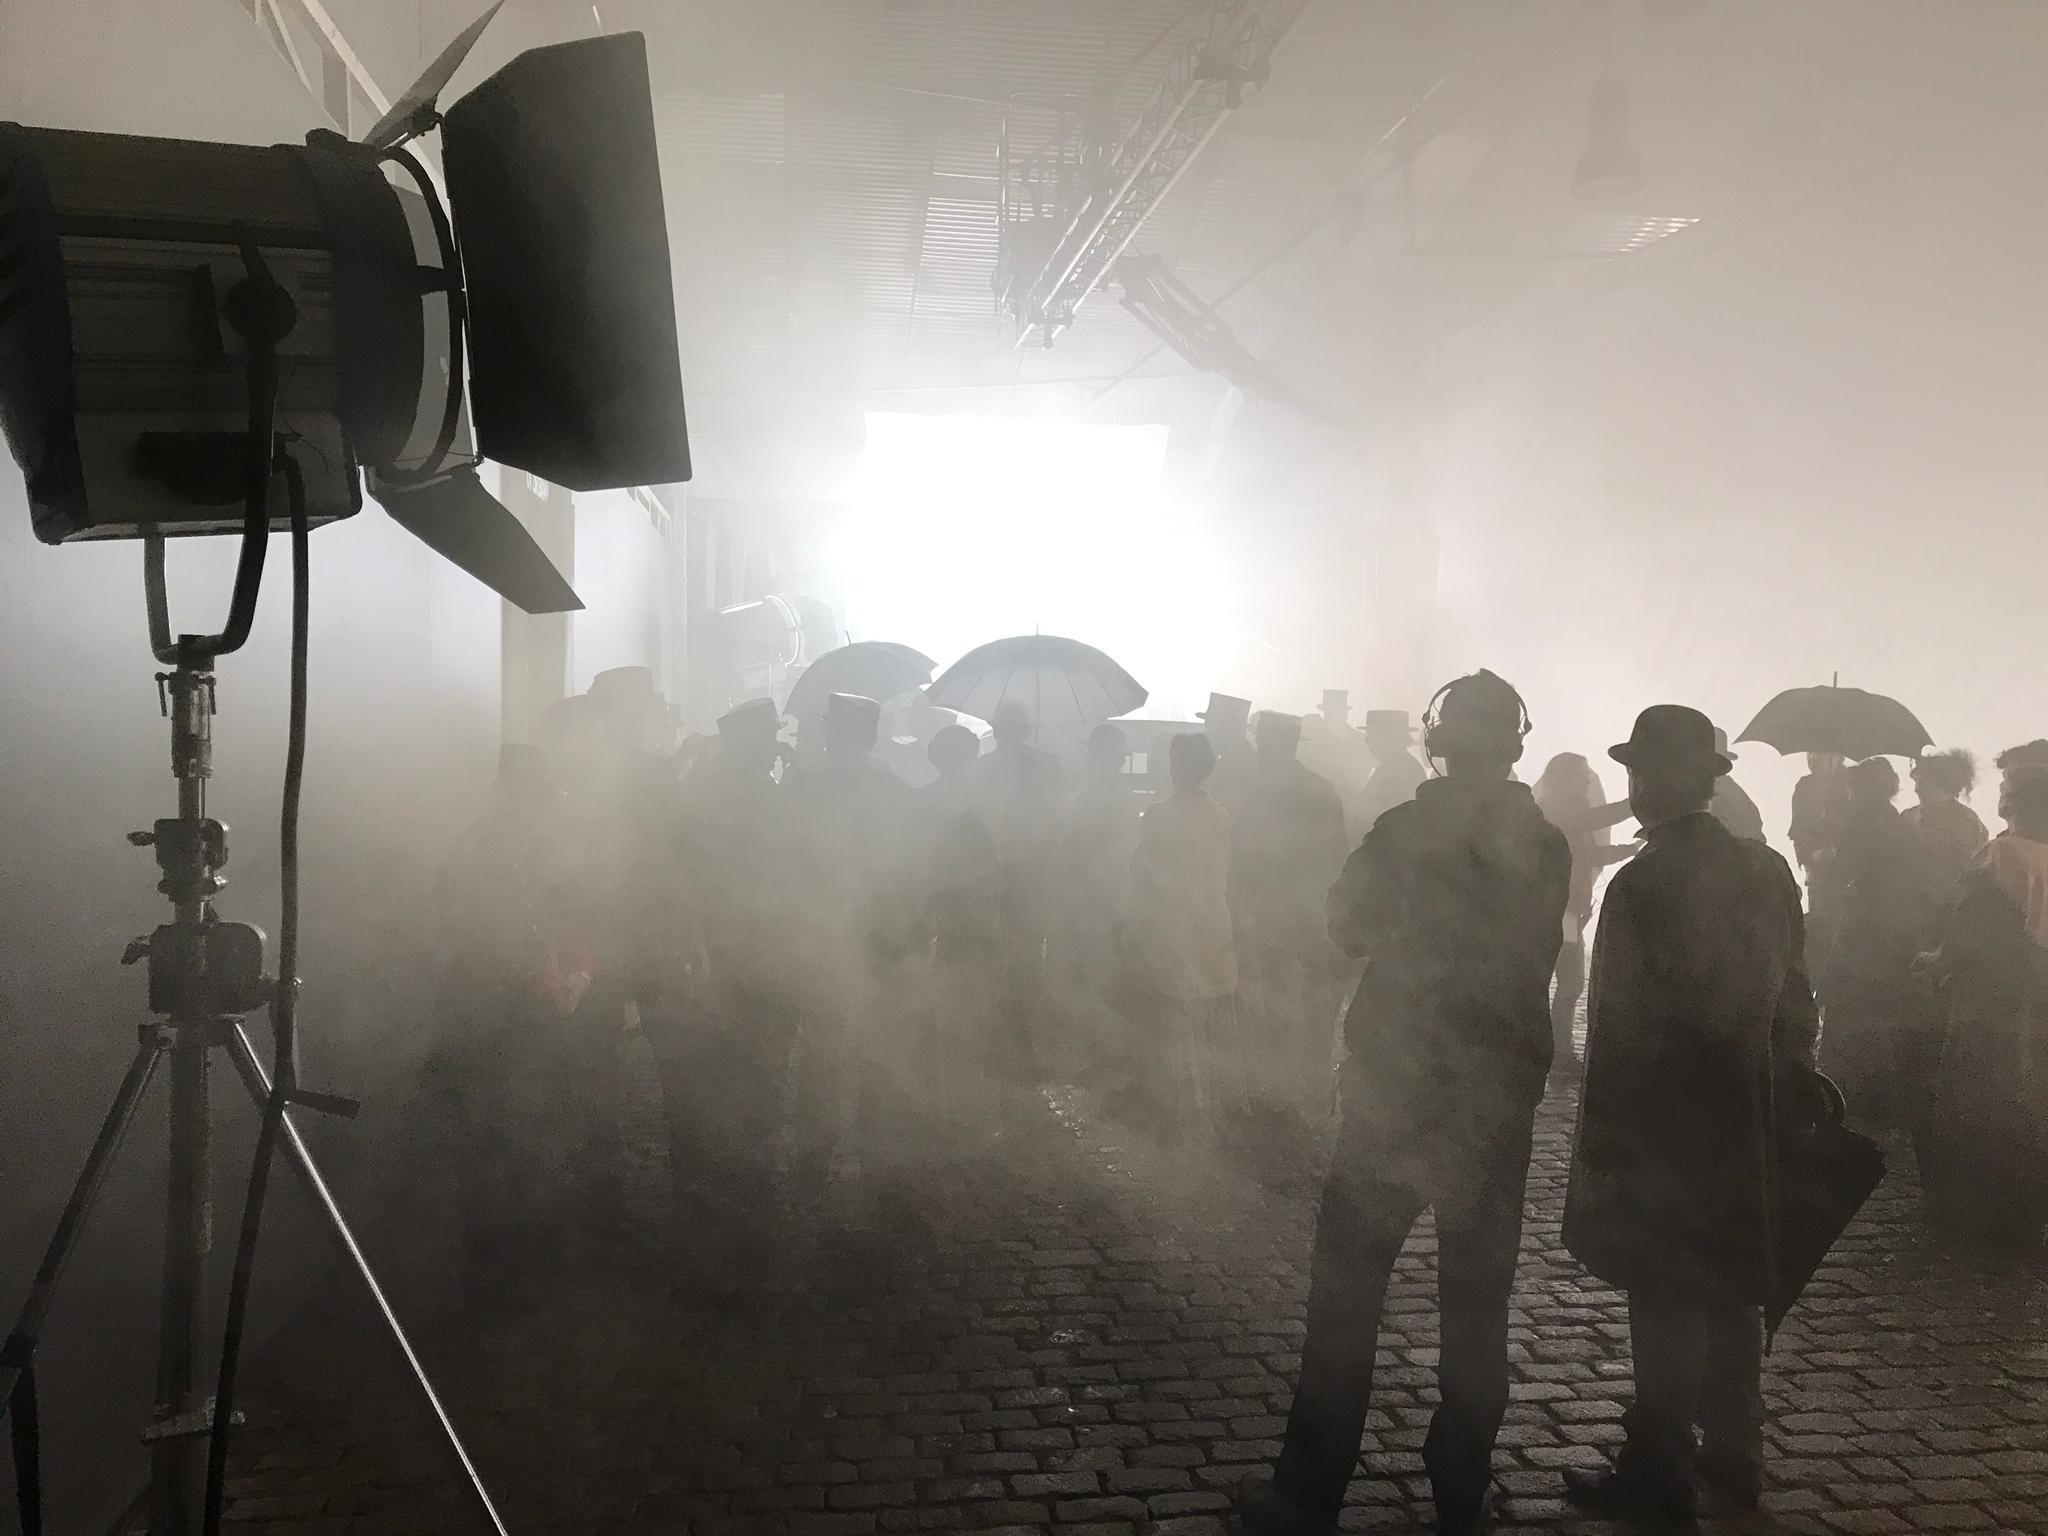 VFX & CGI